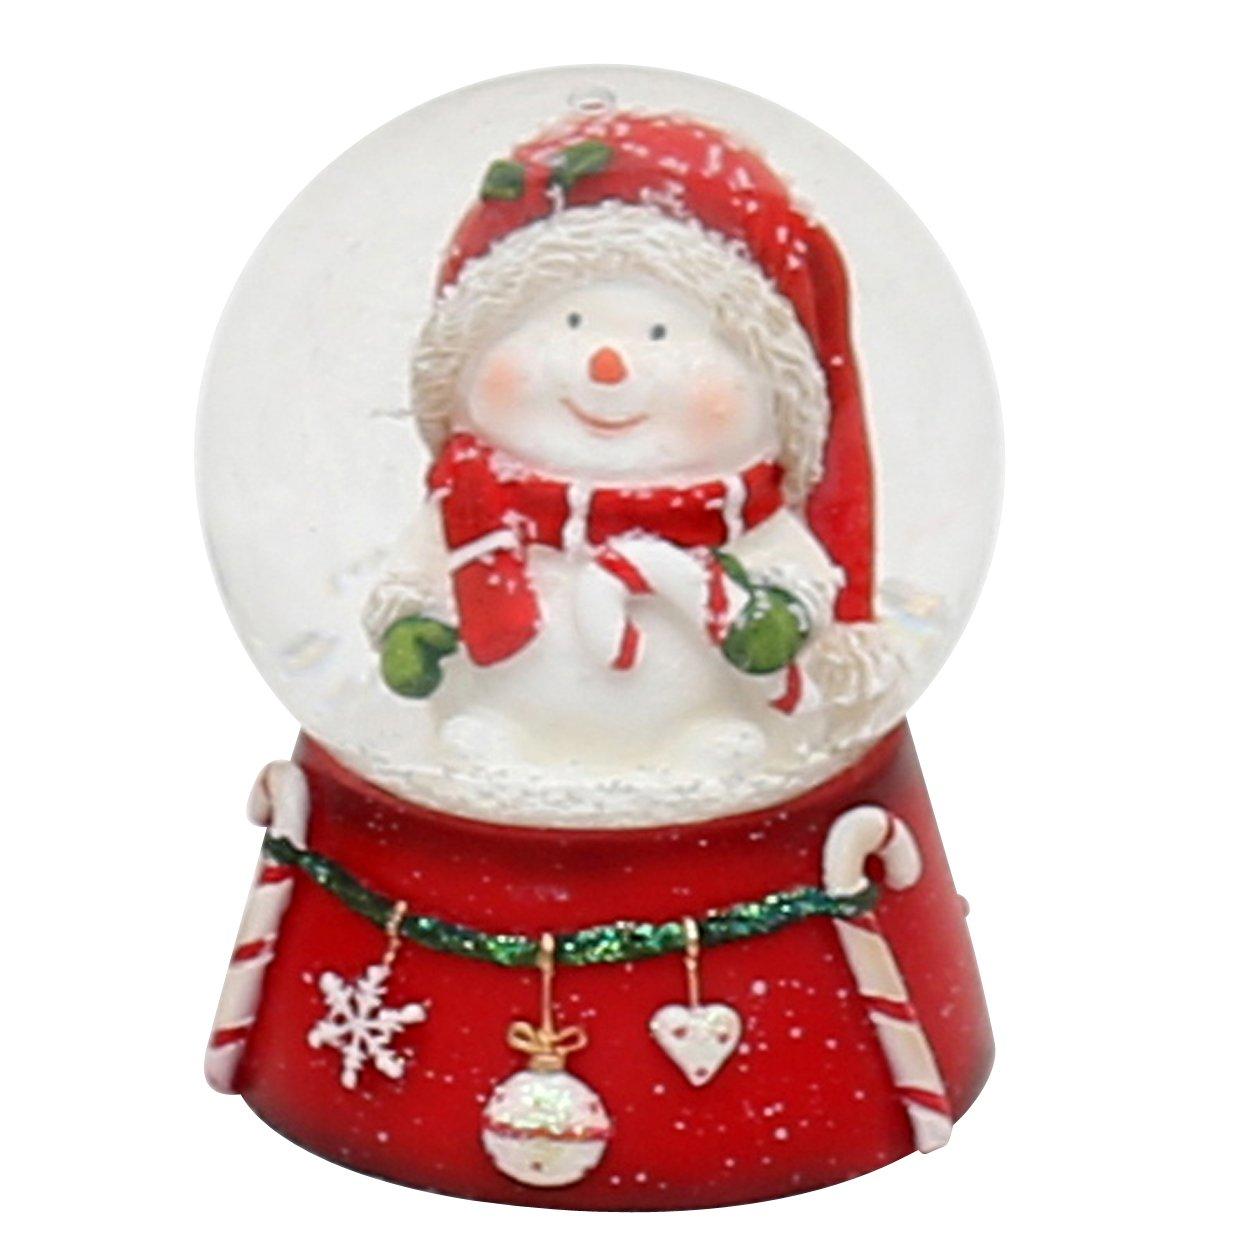 Belle petite boule à neige avec Bonhomme de neige et canne à sucre, dimensions approx. 6,5 x 5 cm/ Ø 4,5 cm